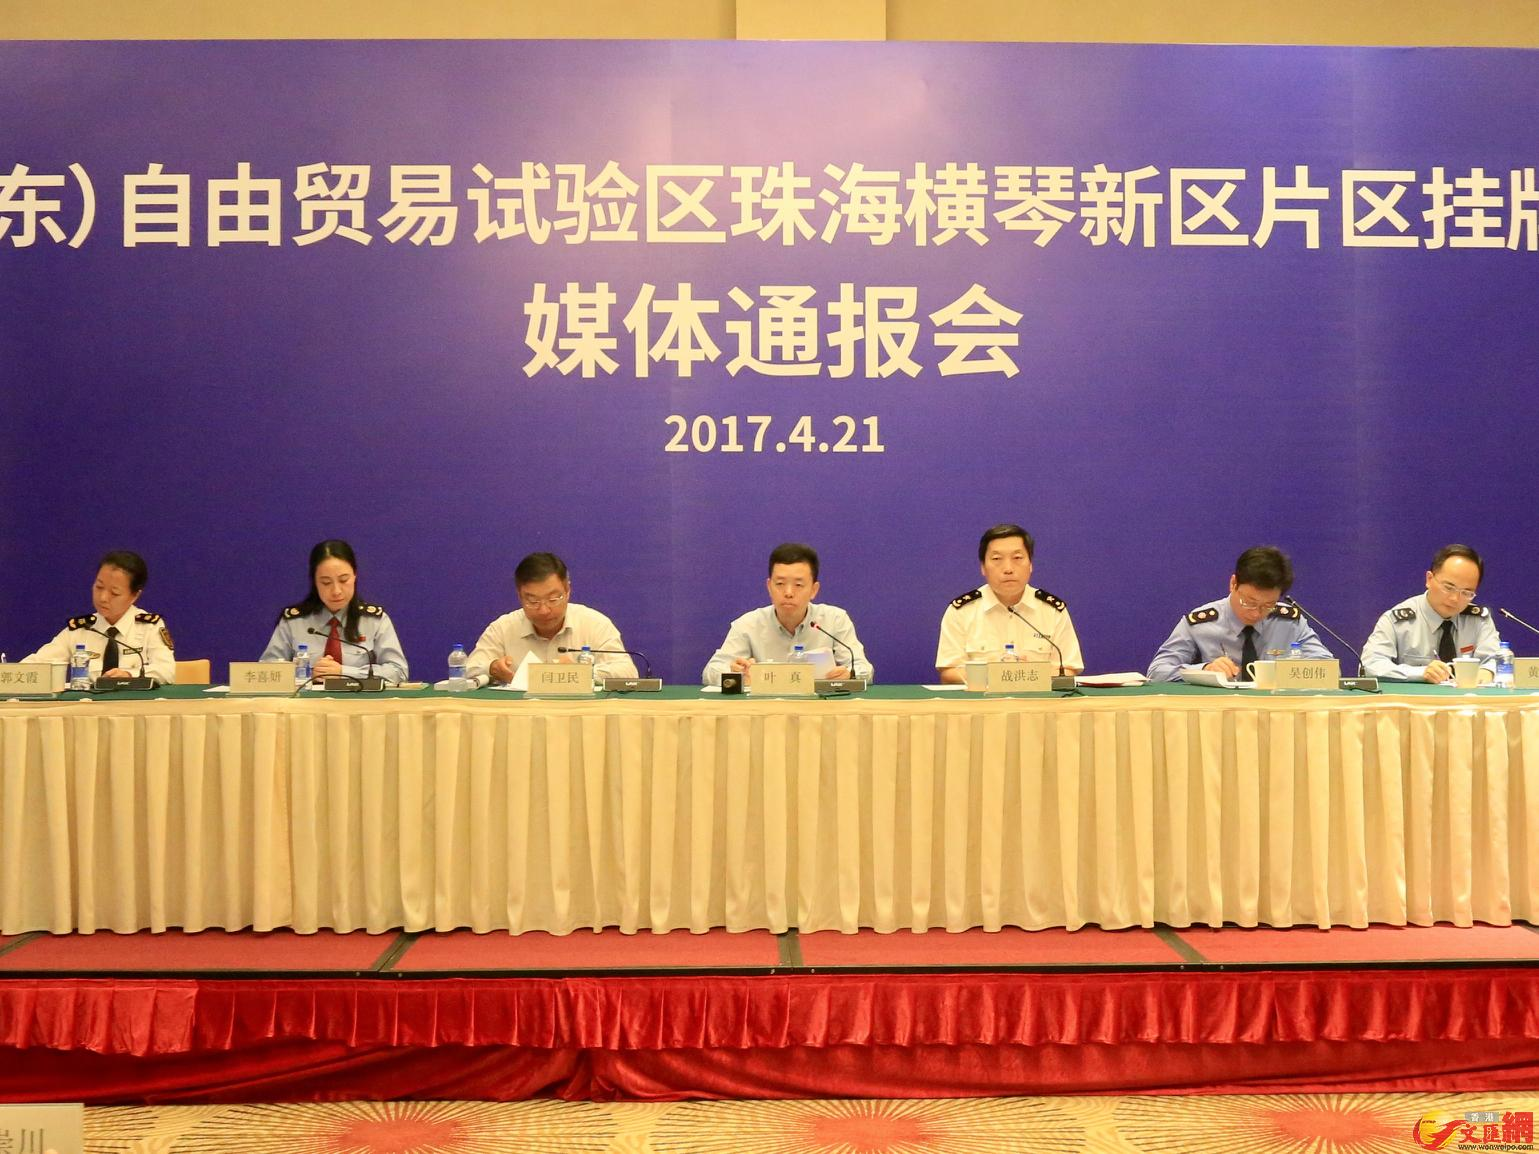 橫琴自貿片區召開掛牌兩週年通報會,並發佈推出24項創新措施。